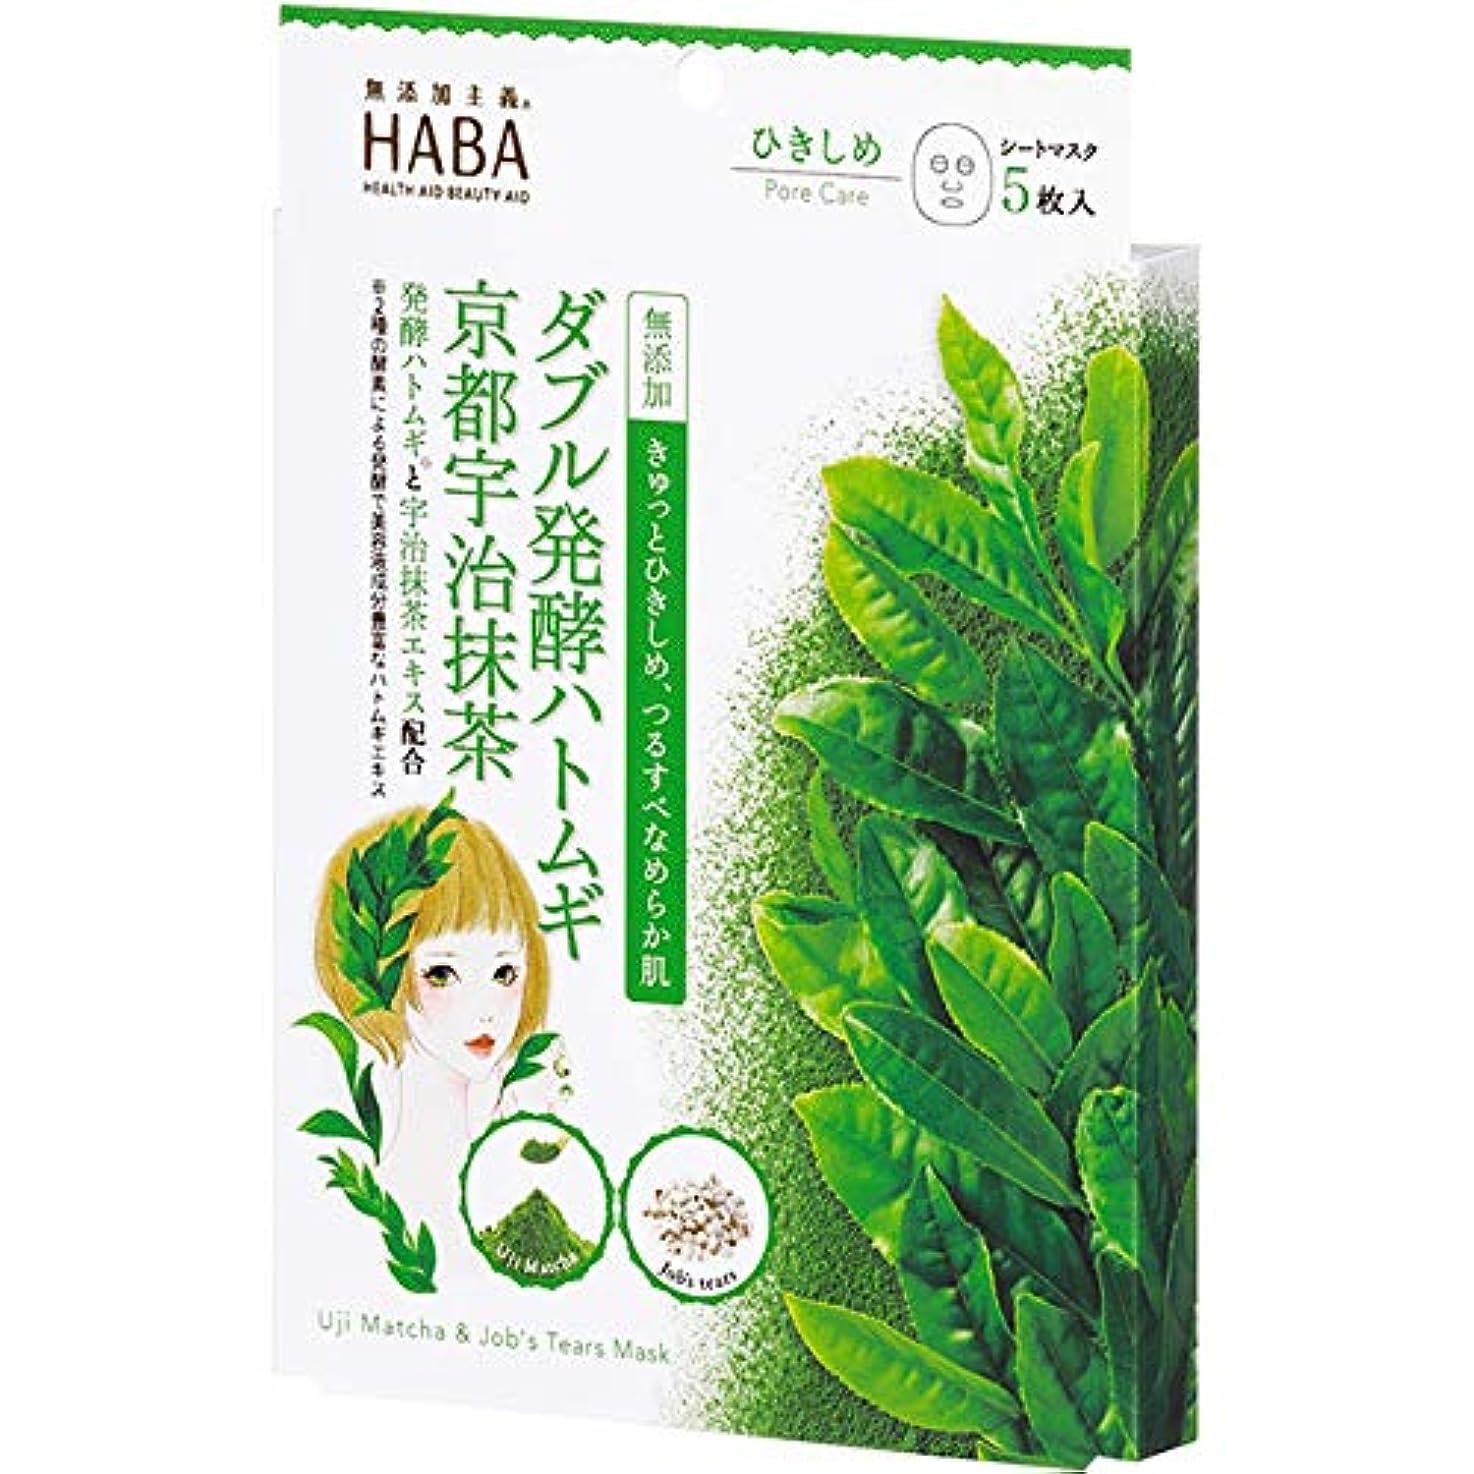 キャンベラ怪しい億ハーバー 発酵ハトムギ宇治抹茶マスク 5包